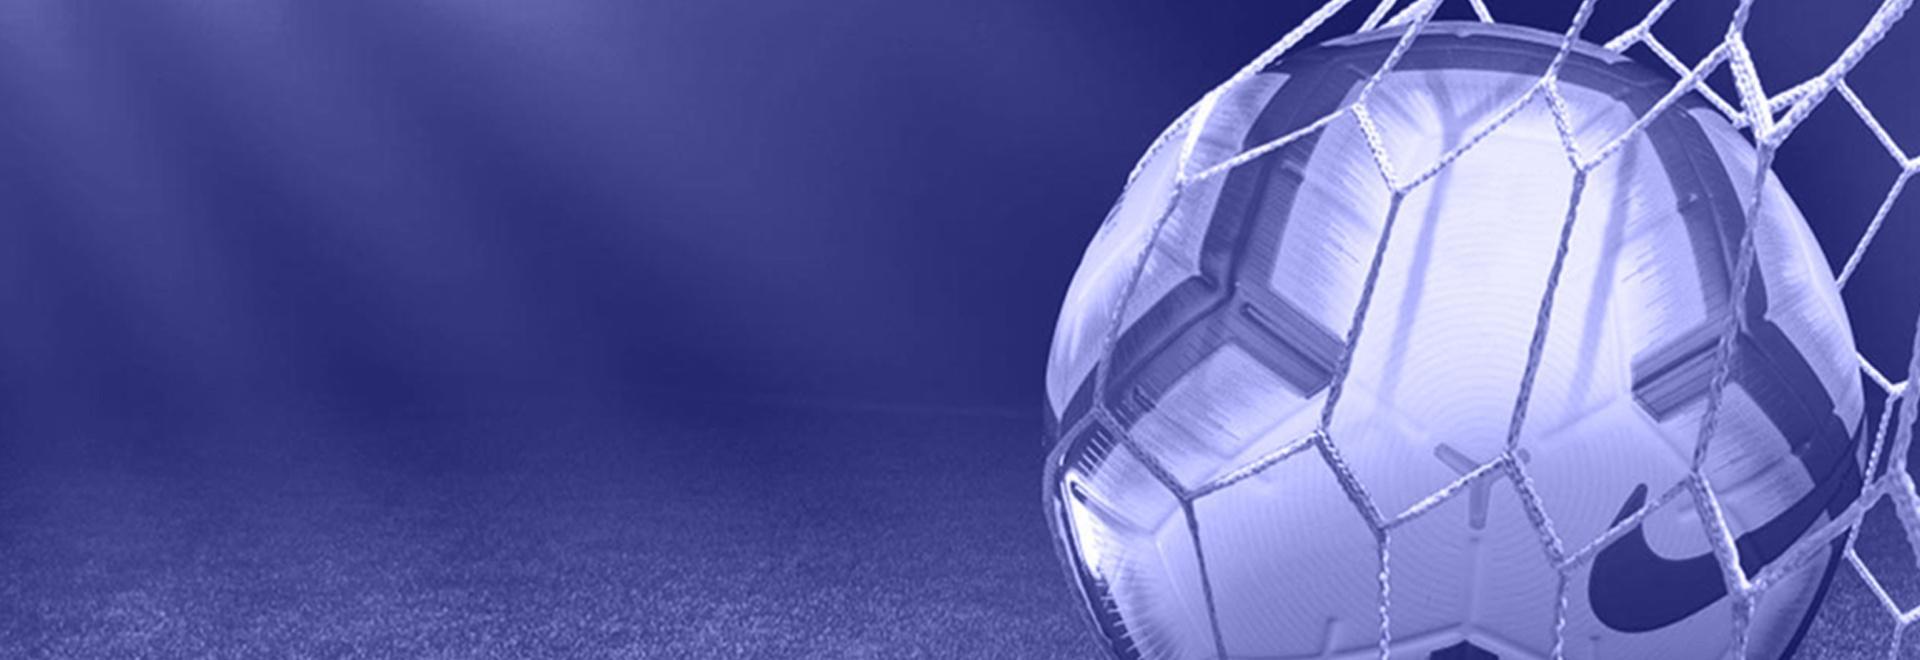 Napoli - Juventus 09/01/11. 19a g.